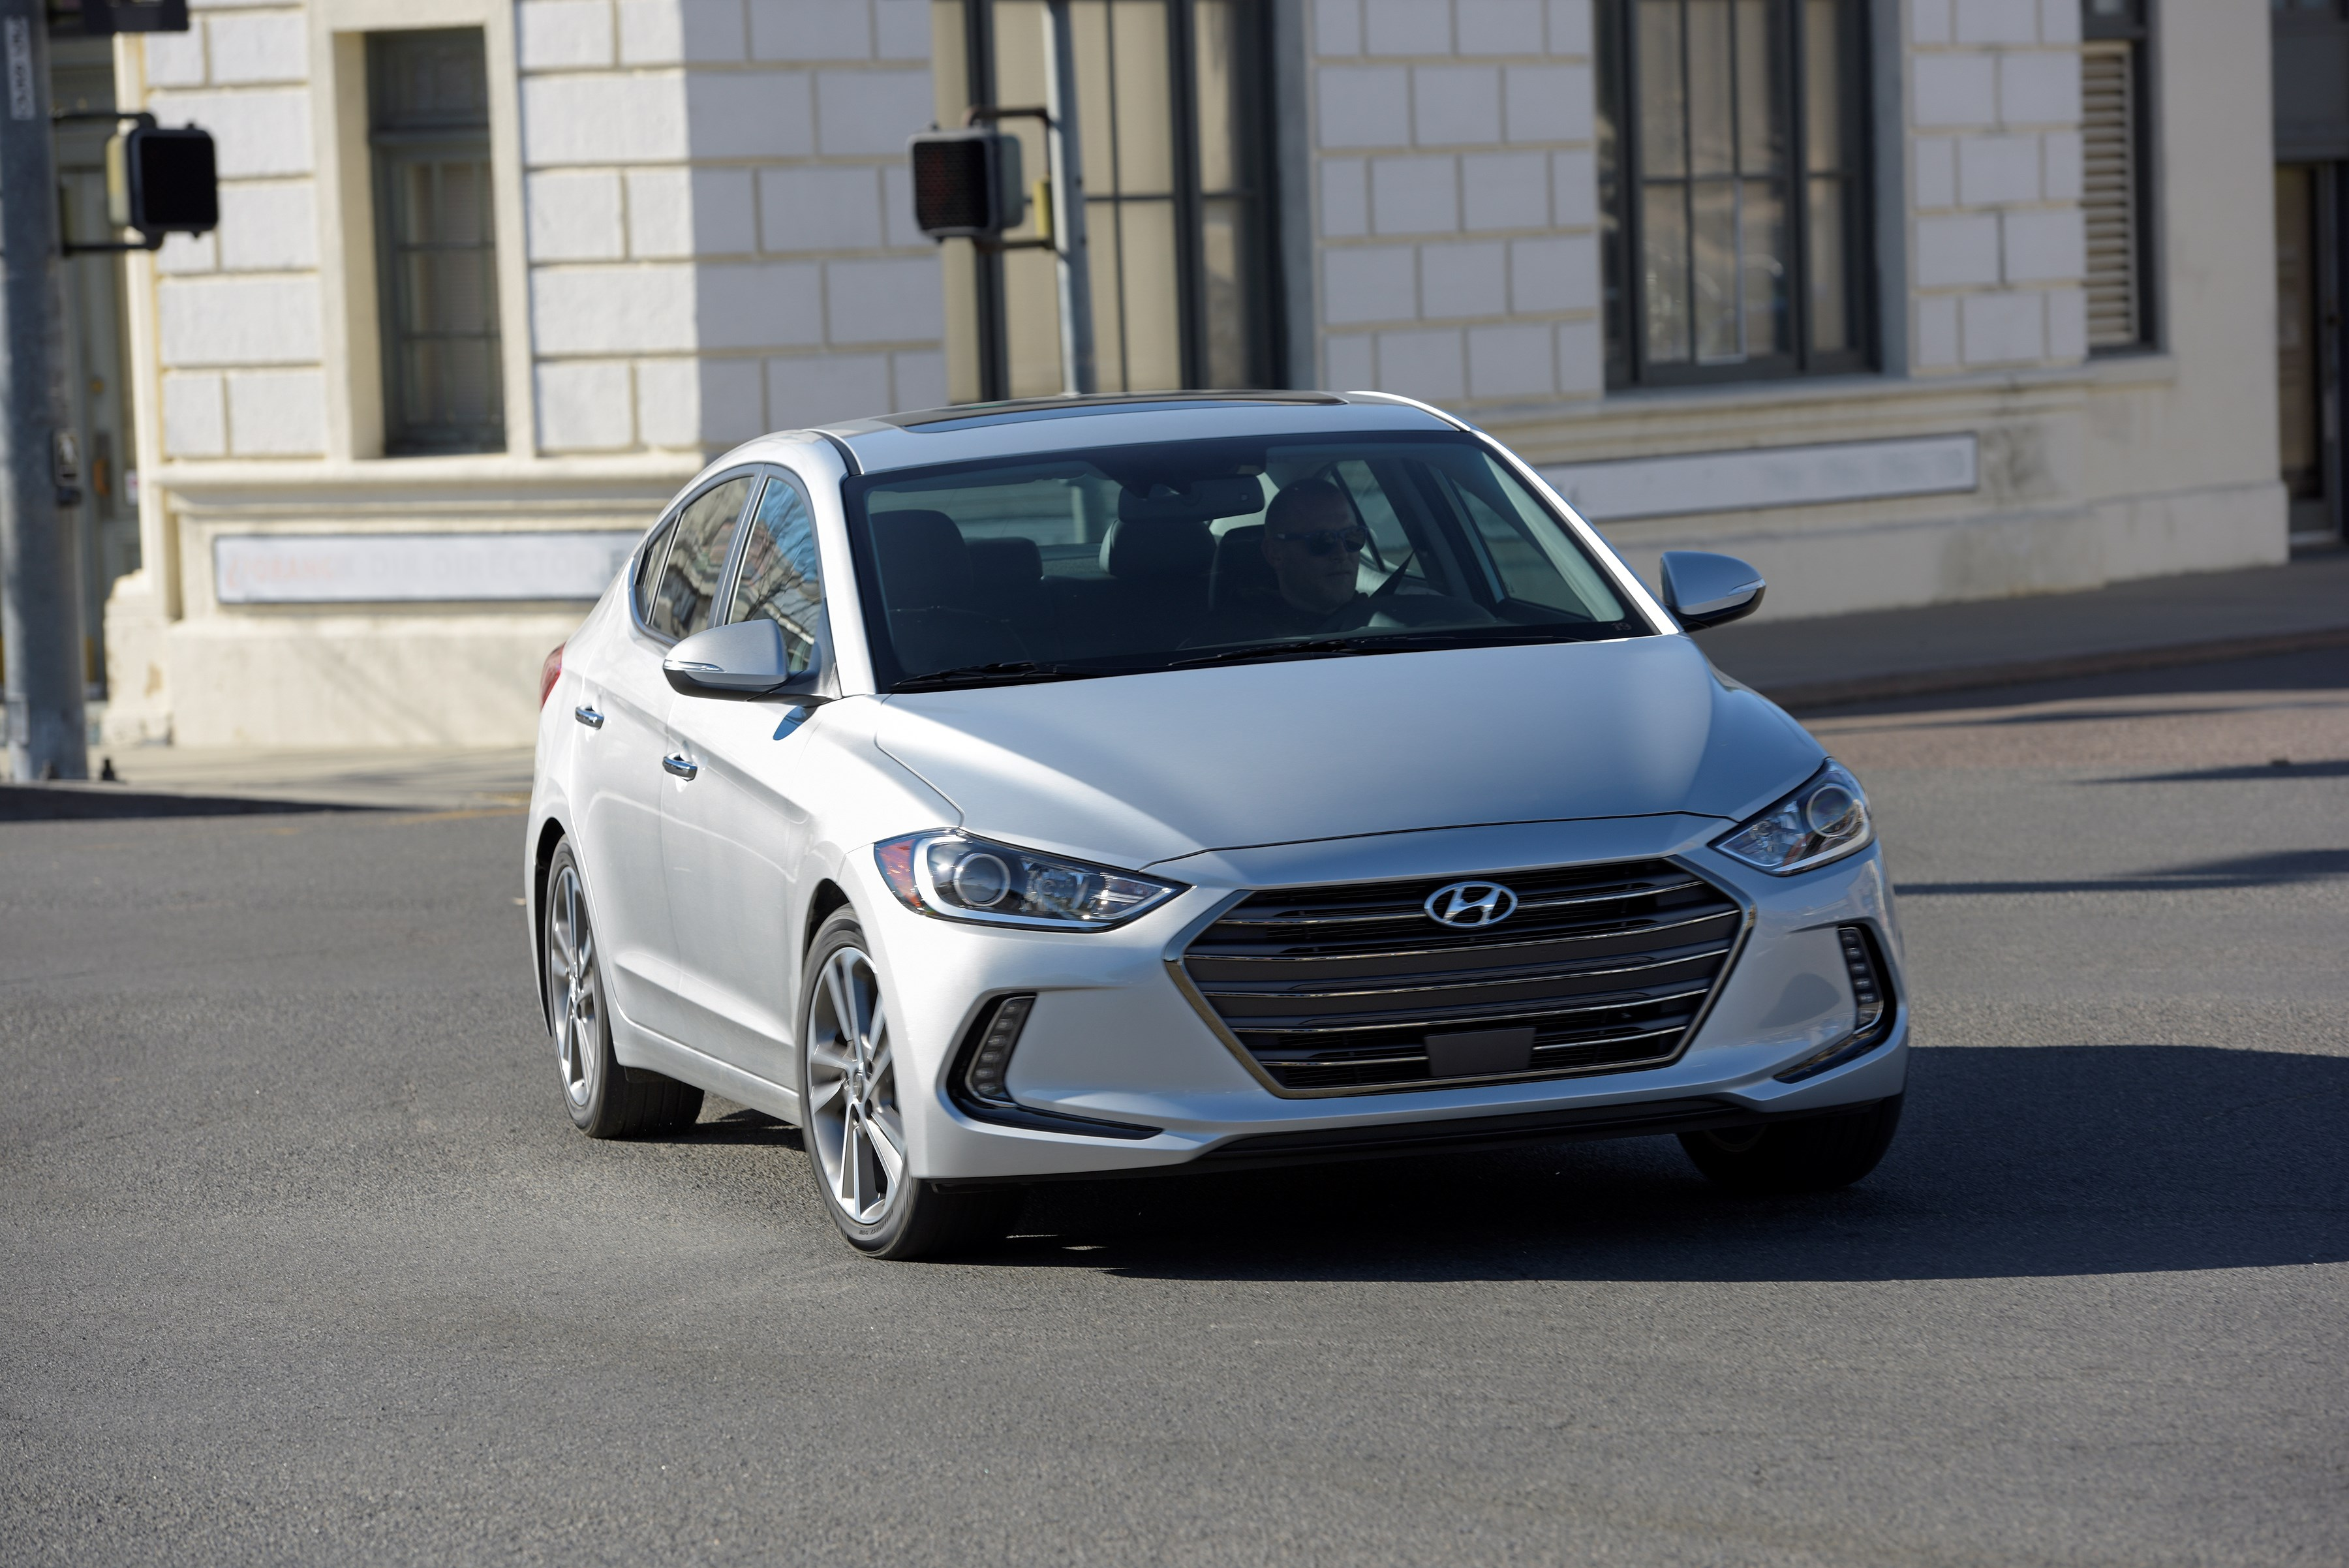 2018 Hyundai Elantra in Tennessee